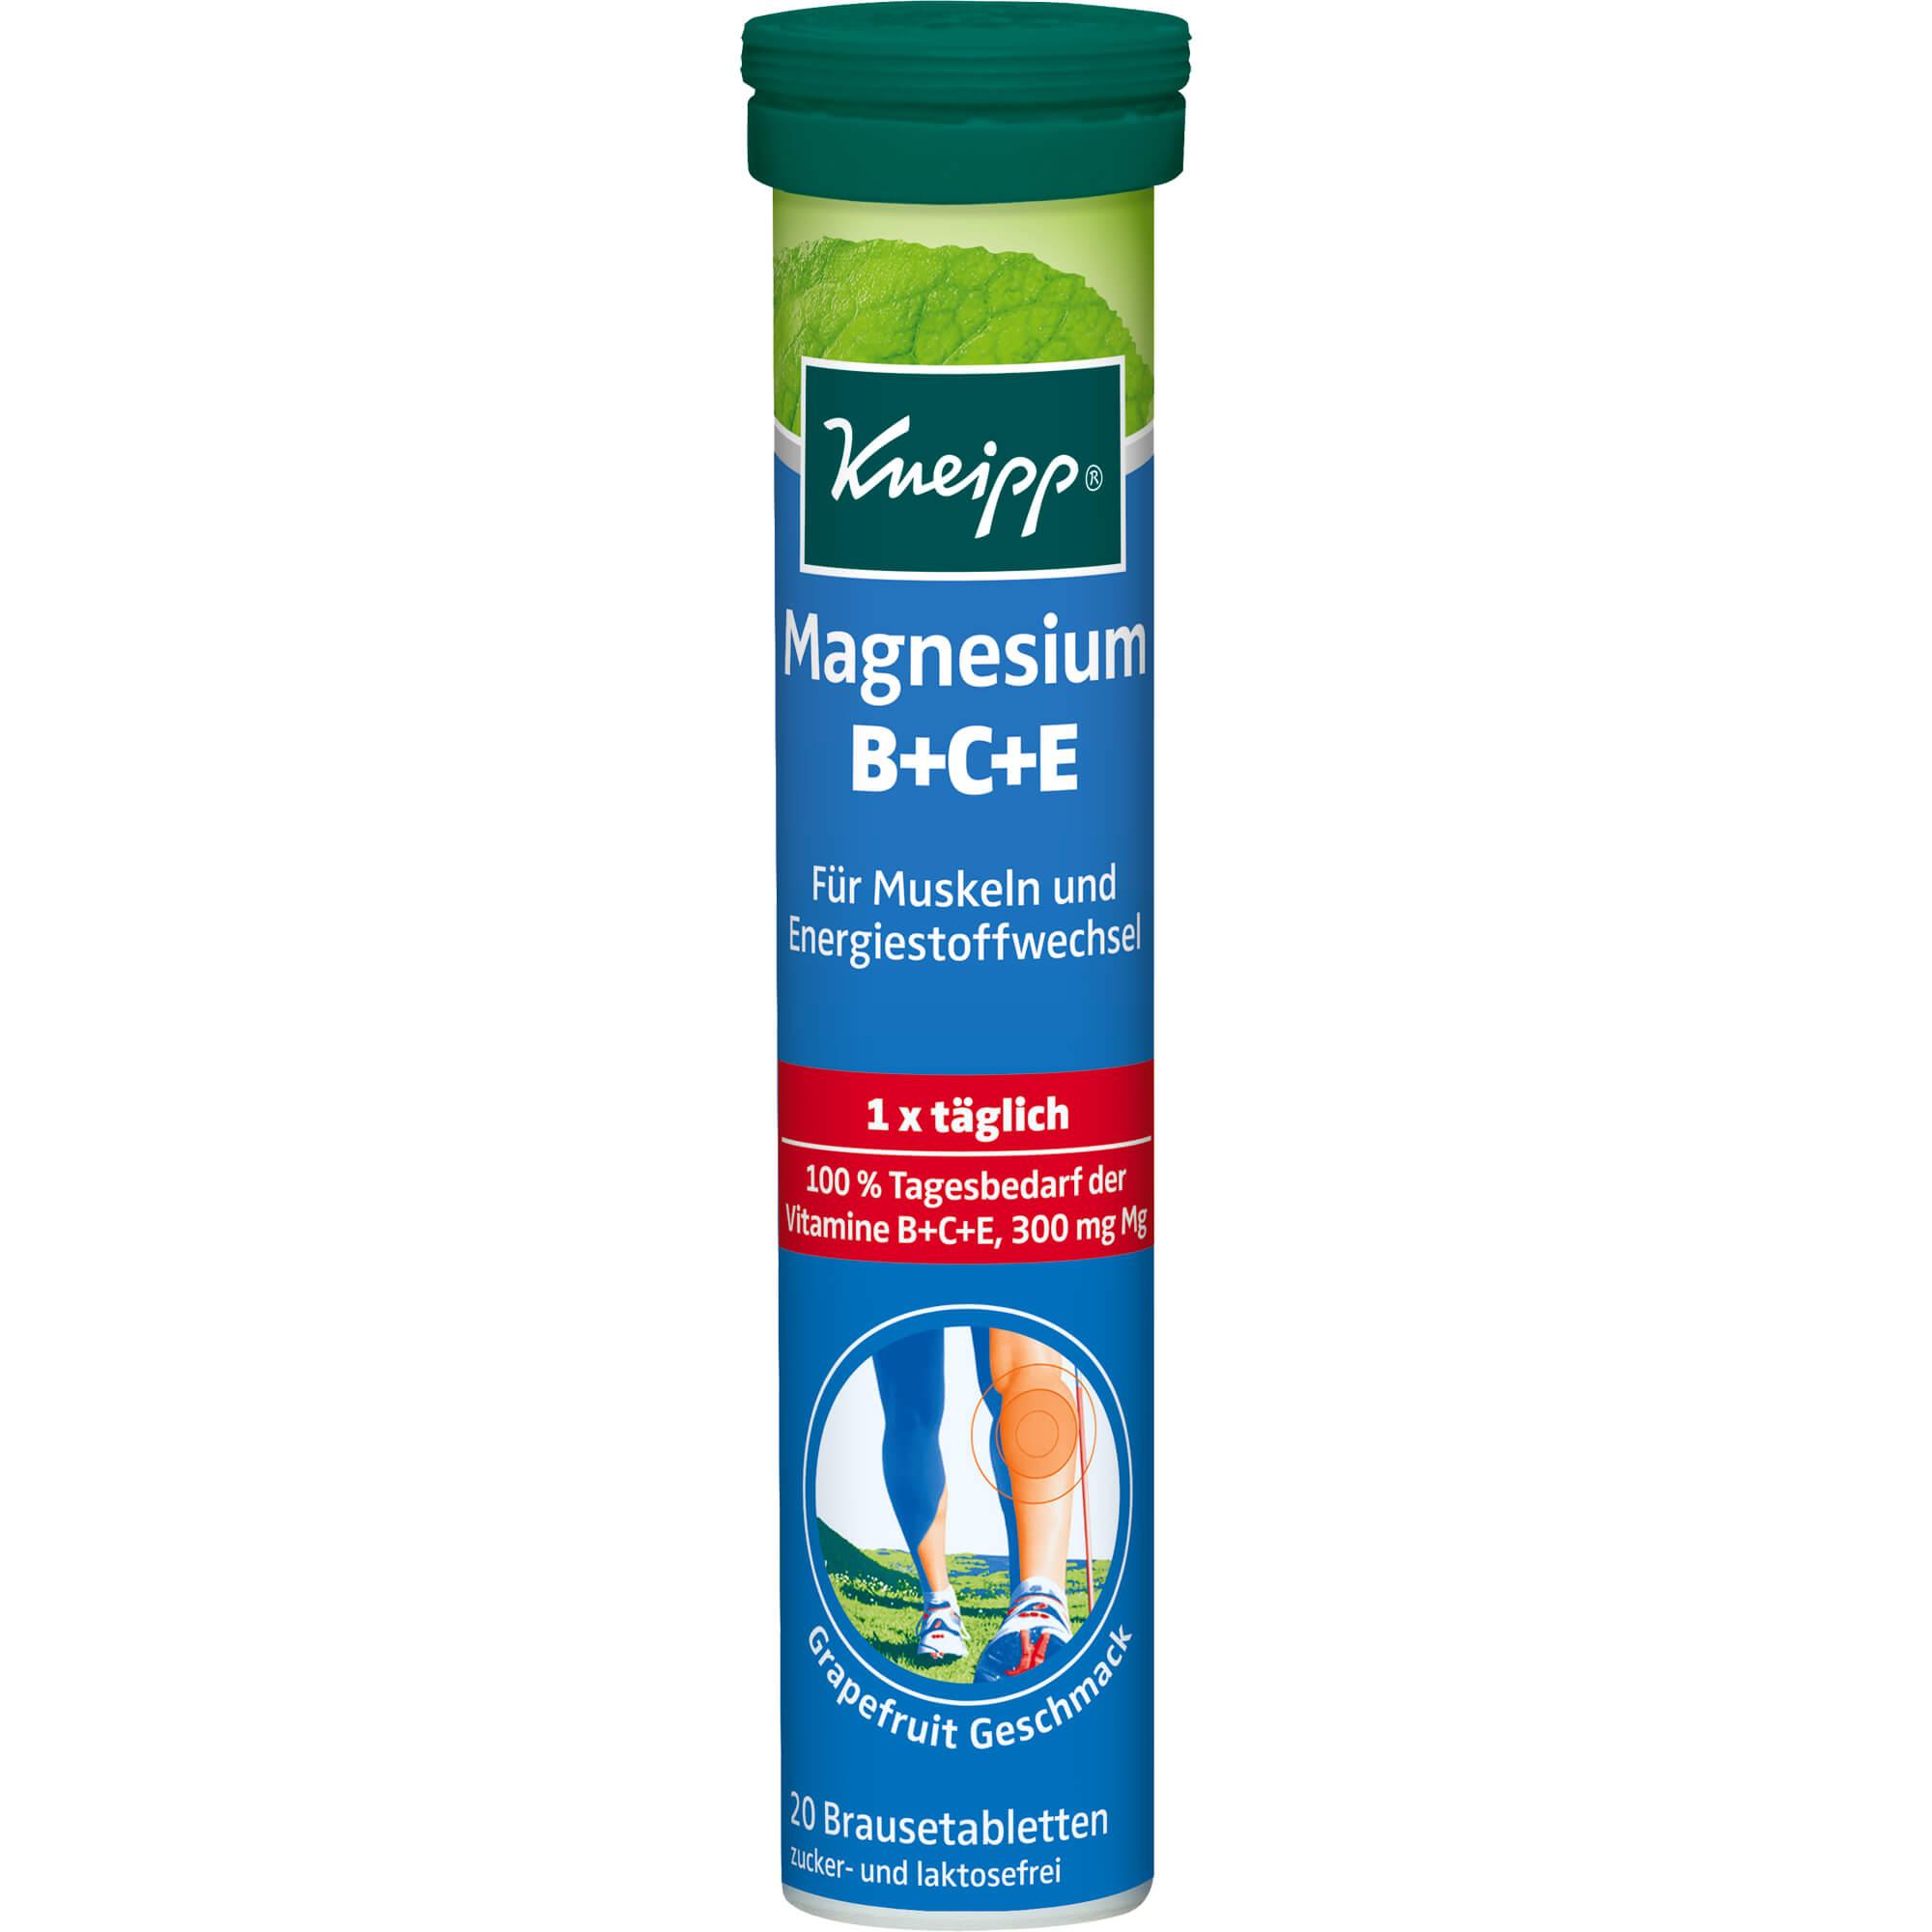 KNEIPP-Magnesium-Vitamine-Brausetabletten